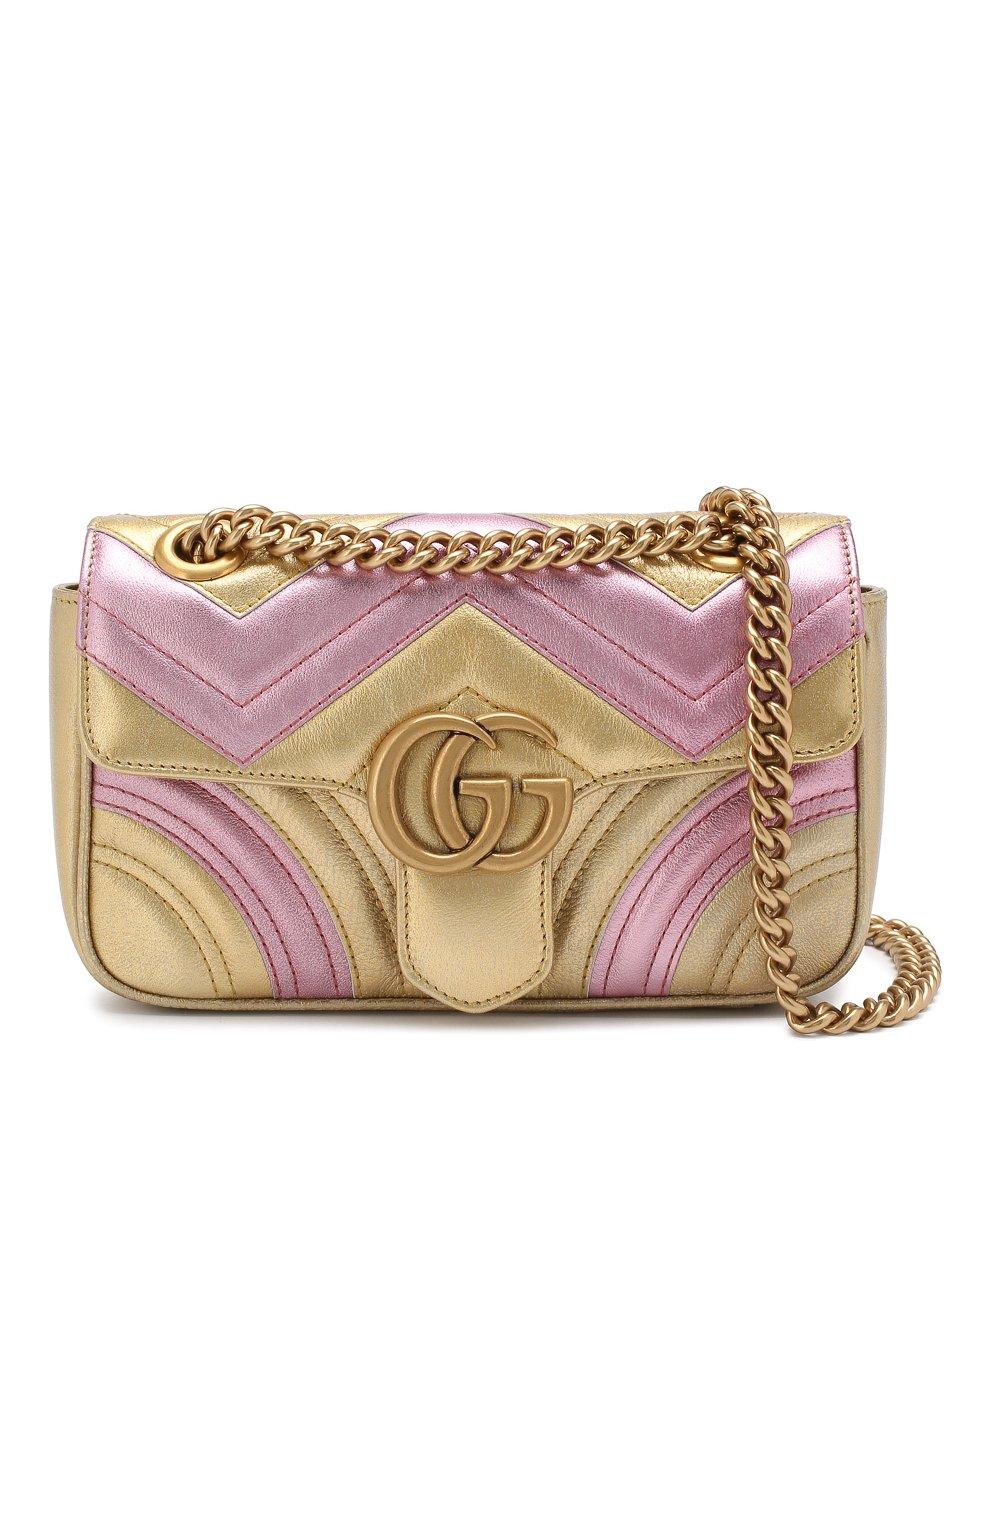 Сумка GG Marmont mini  Gucci золотая цвета   Фото №6